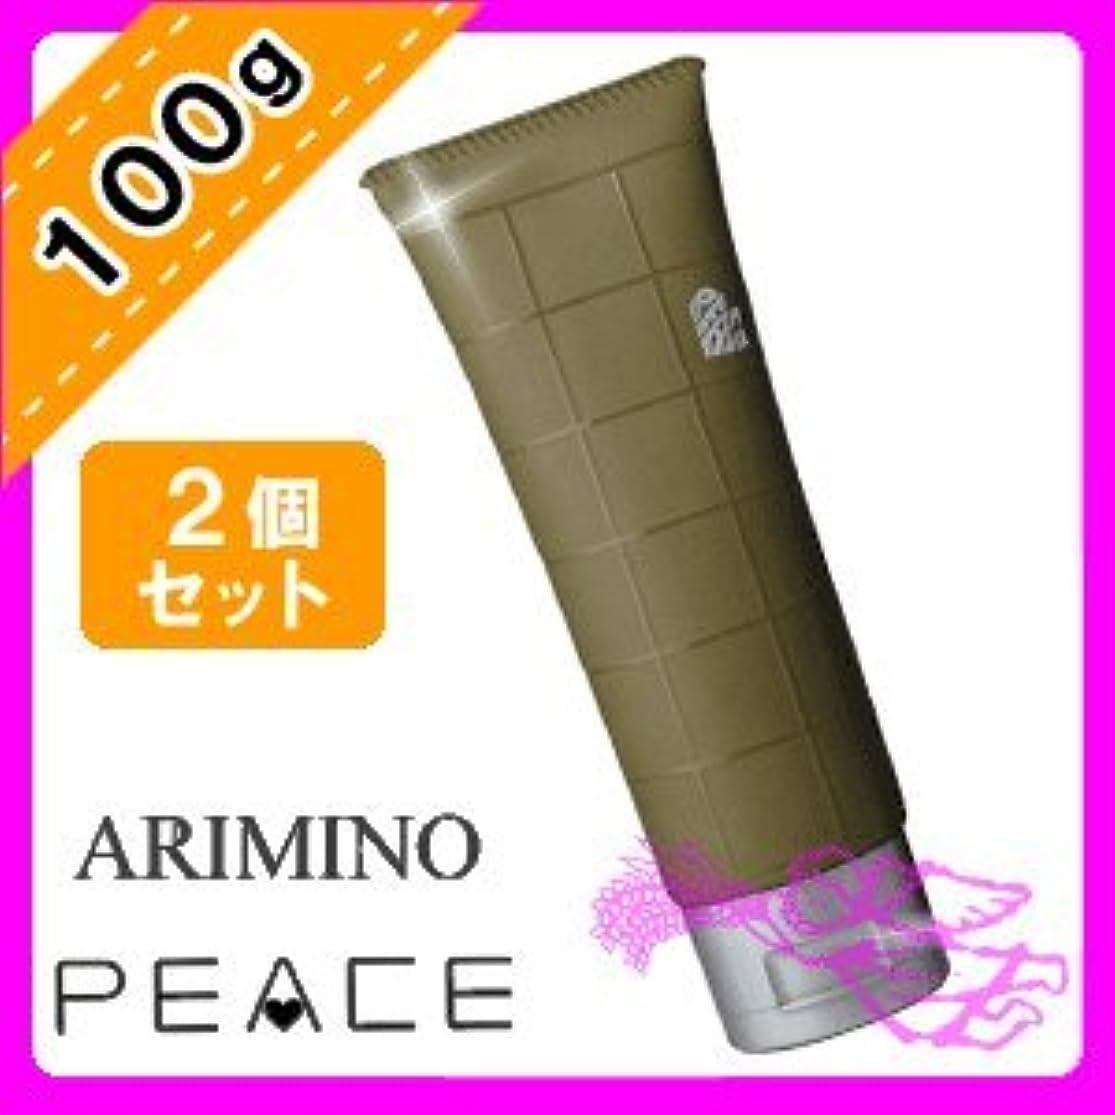 欺く増幅する突き出すアリミノ ピース ウェットオイル ワックス 100g ×2個セット arimino PEACE